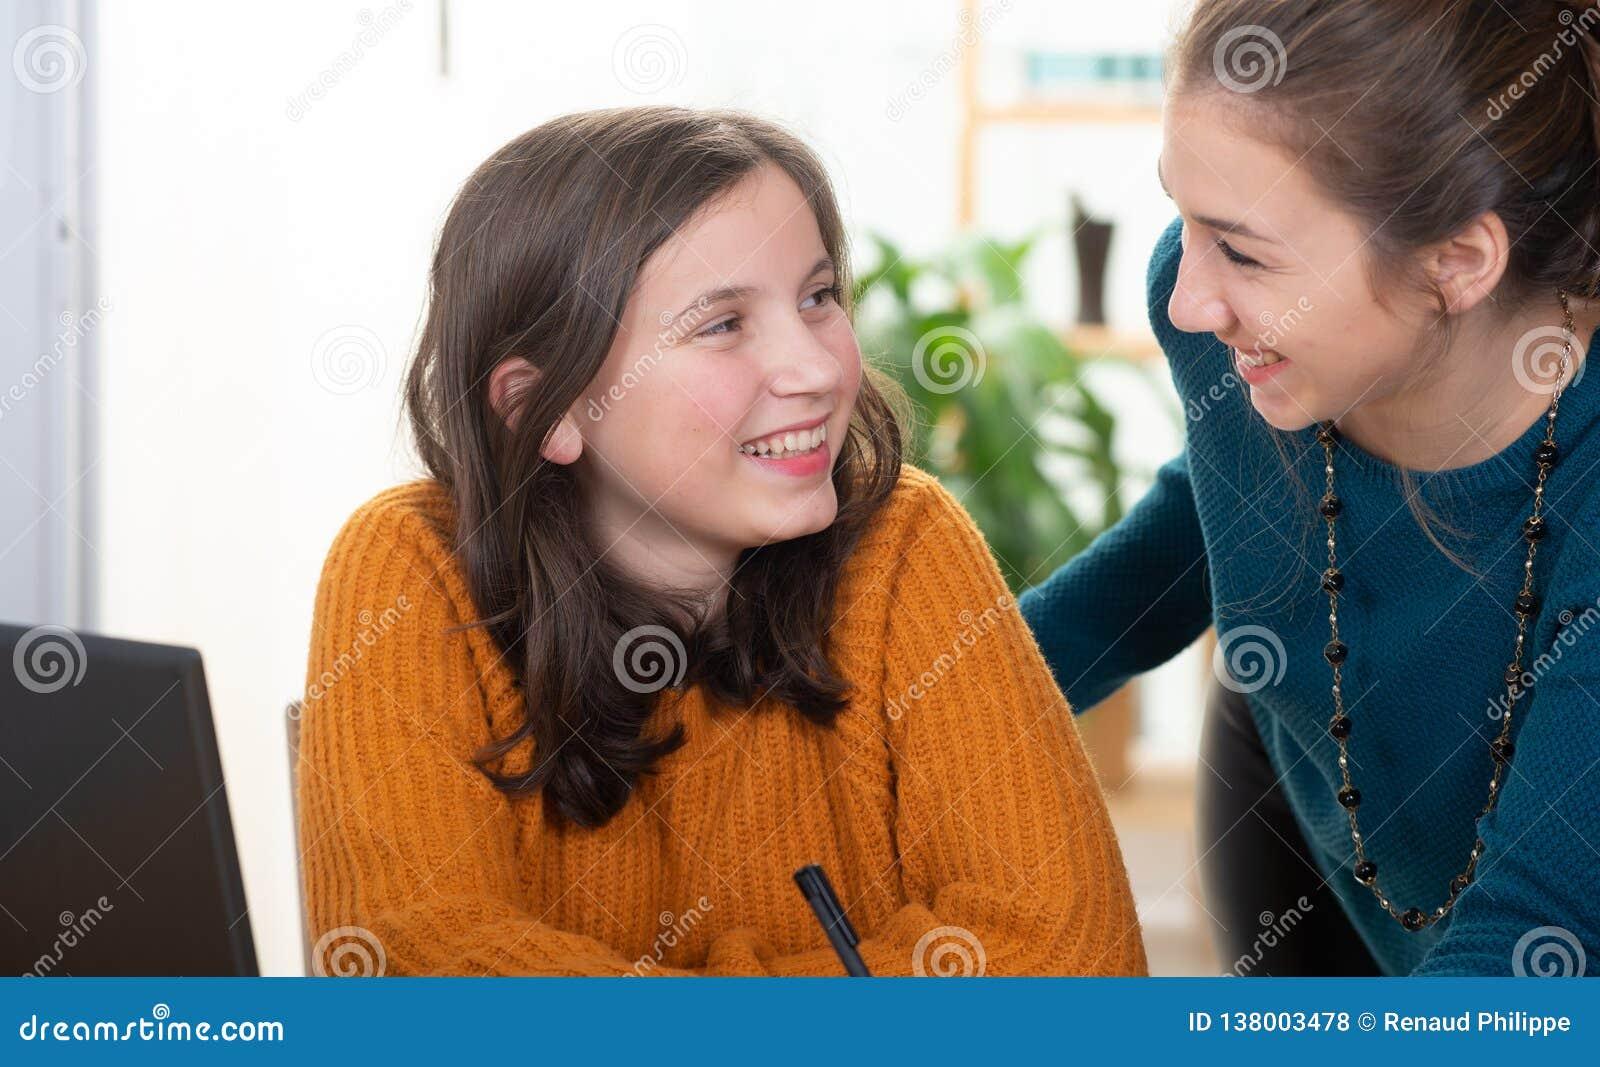 cherche jeune fille pour aide aux devoirs